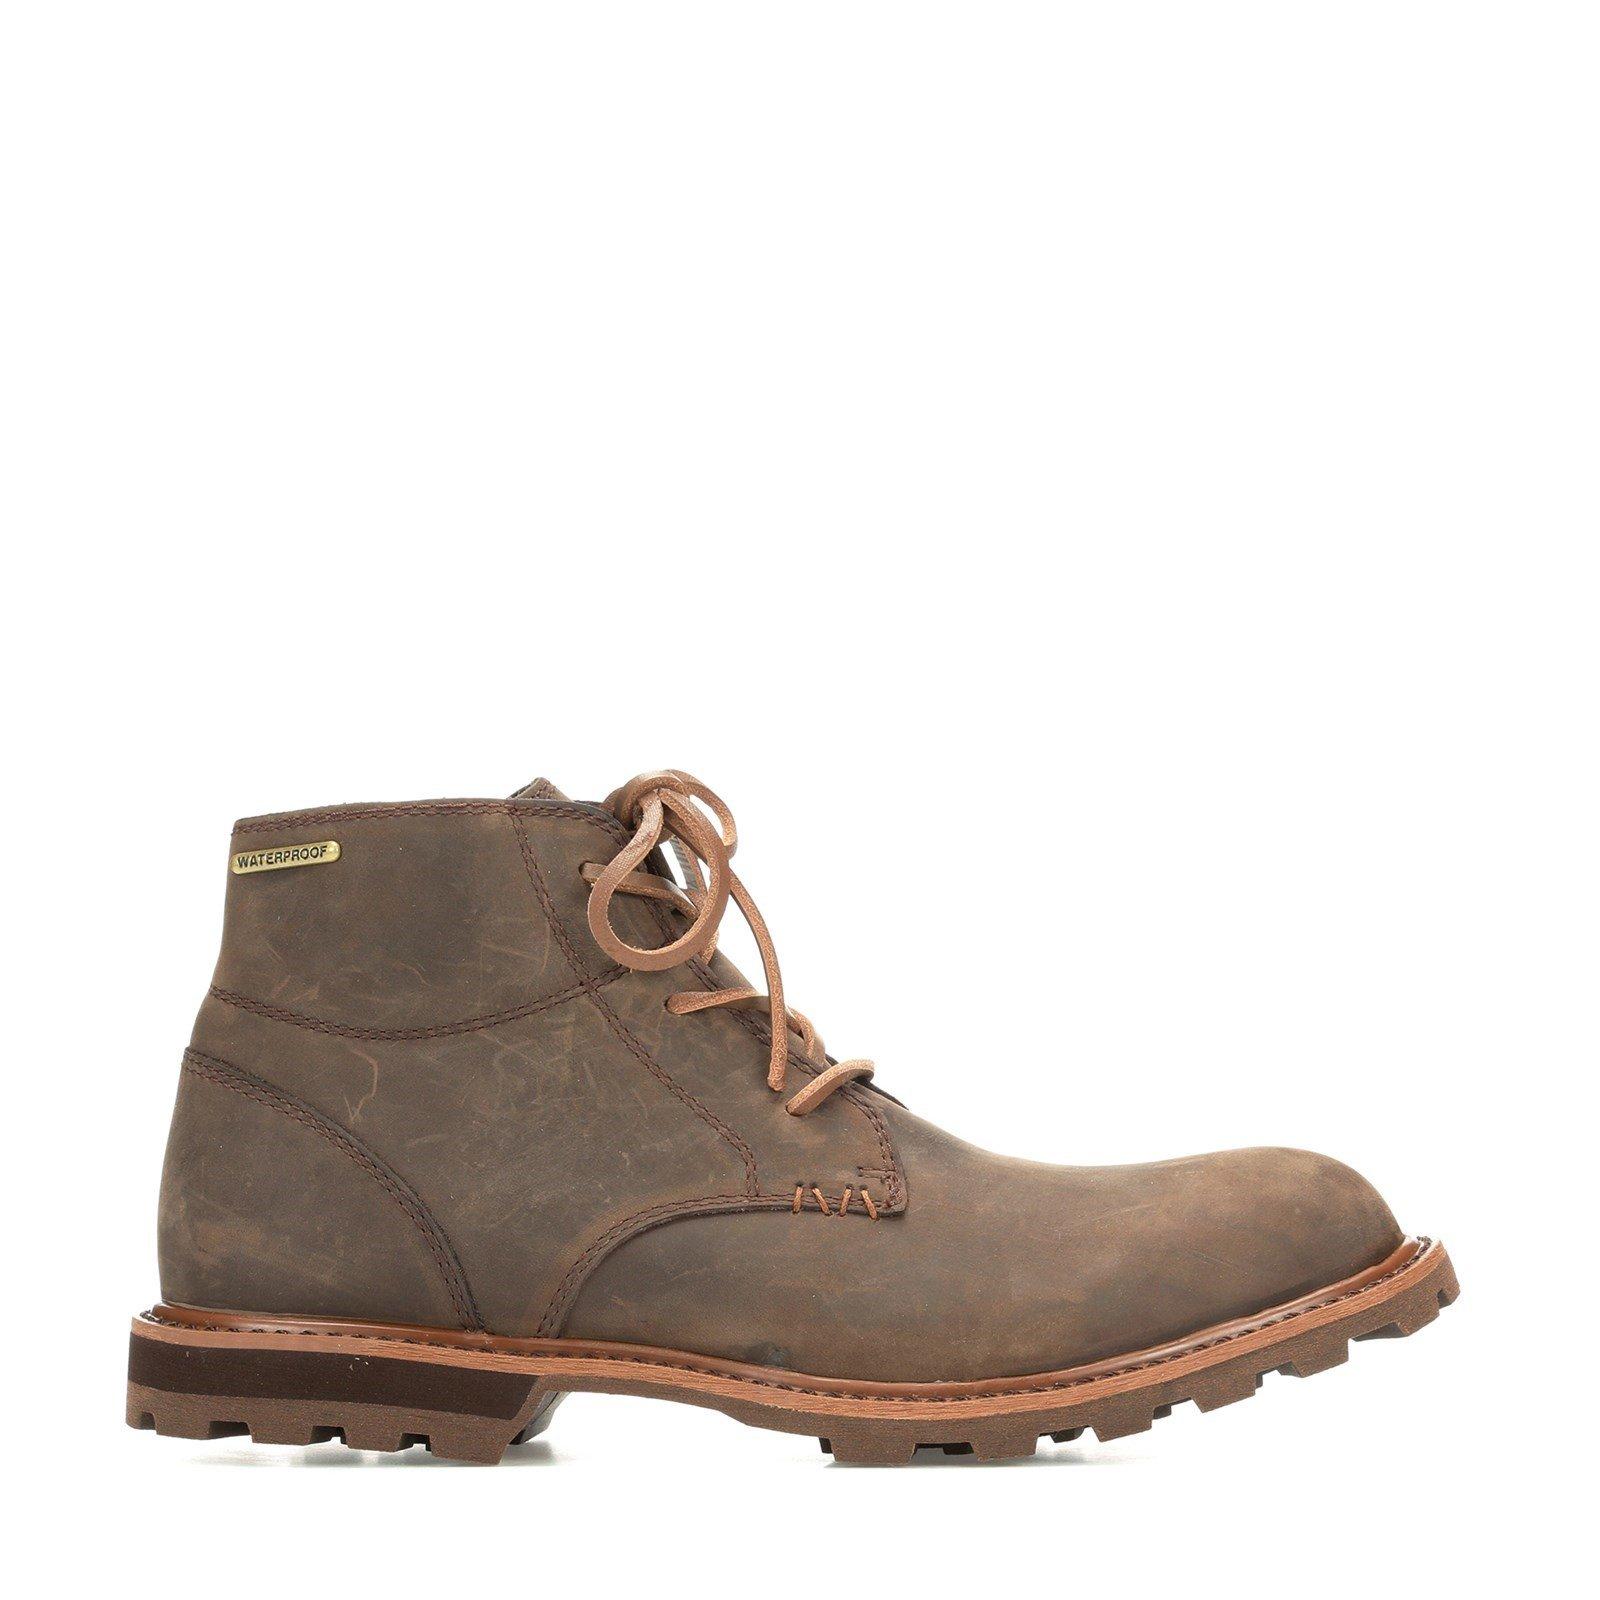 Muck Boots Men's Freeman Boot 31761 - Brown 8.5